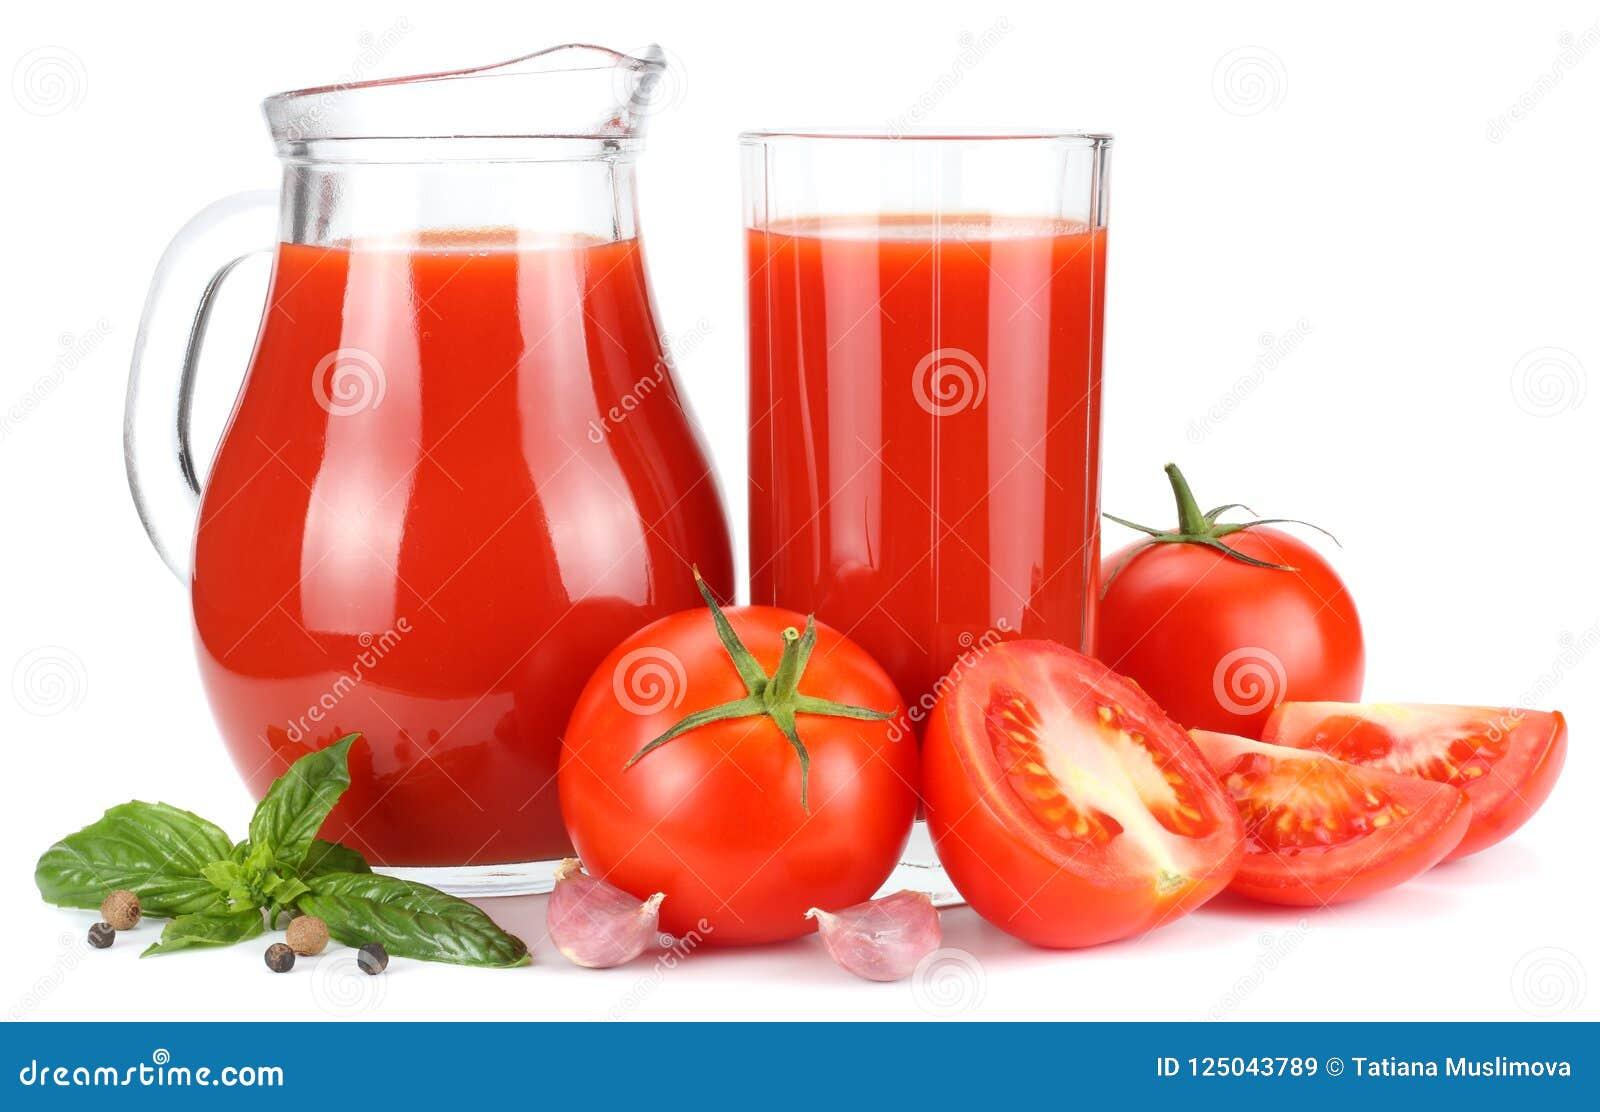 Succo di pomodoro in brocca di vetro isolata su fondo bianco